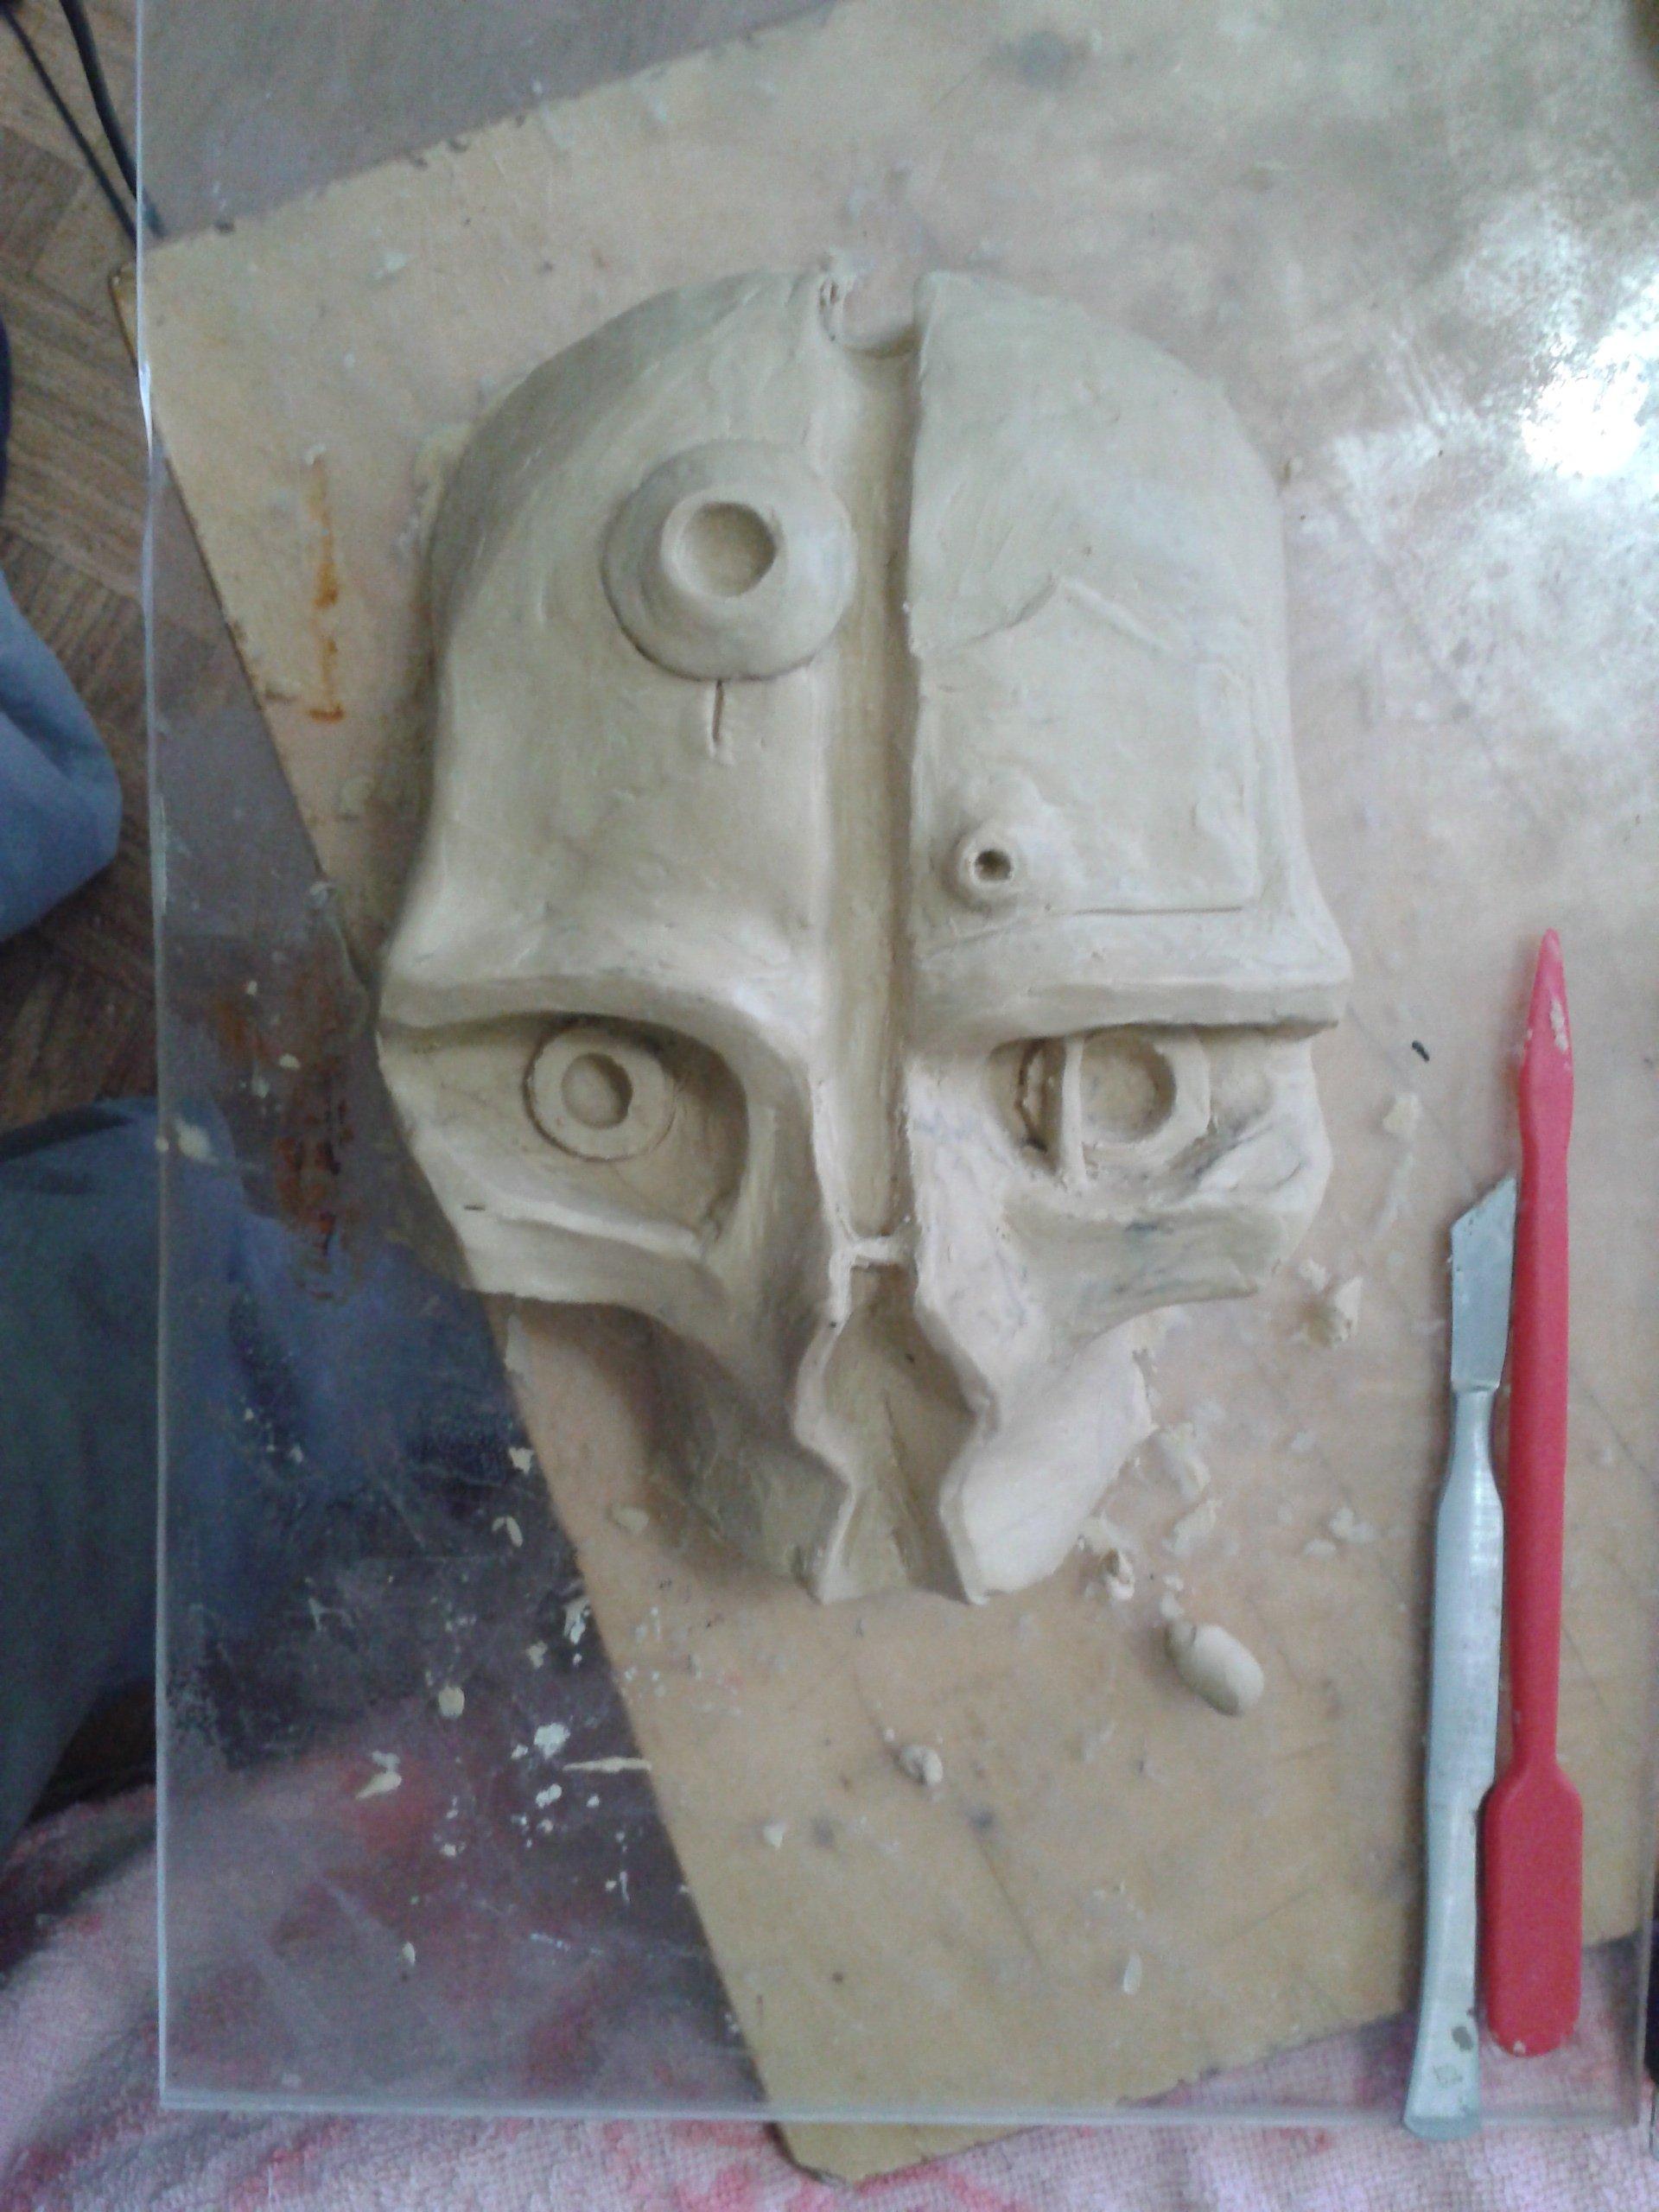 появилось немного свободного времени. Решил попробовать сделать маску Корво. Пока только черновой вариант из пластилина. - Изображение 1